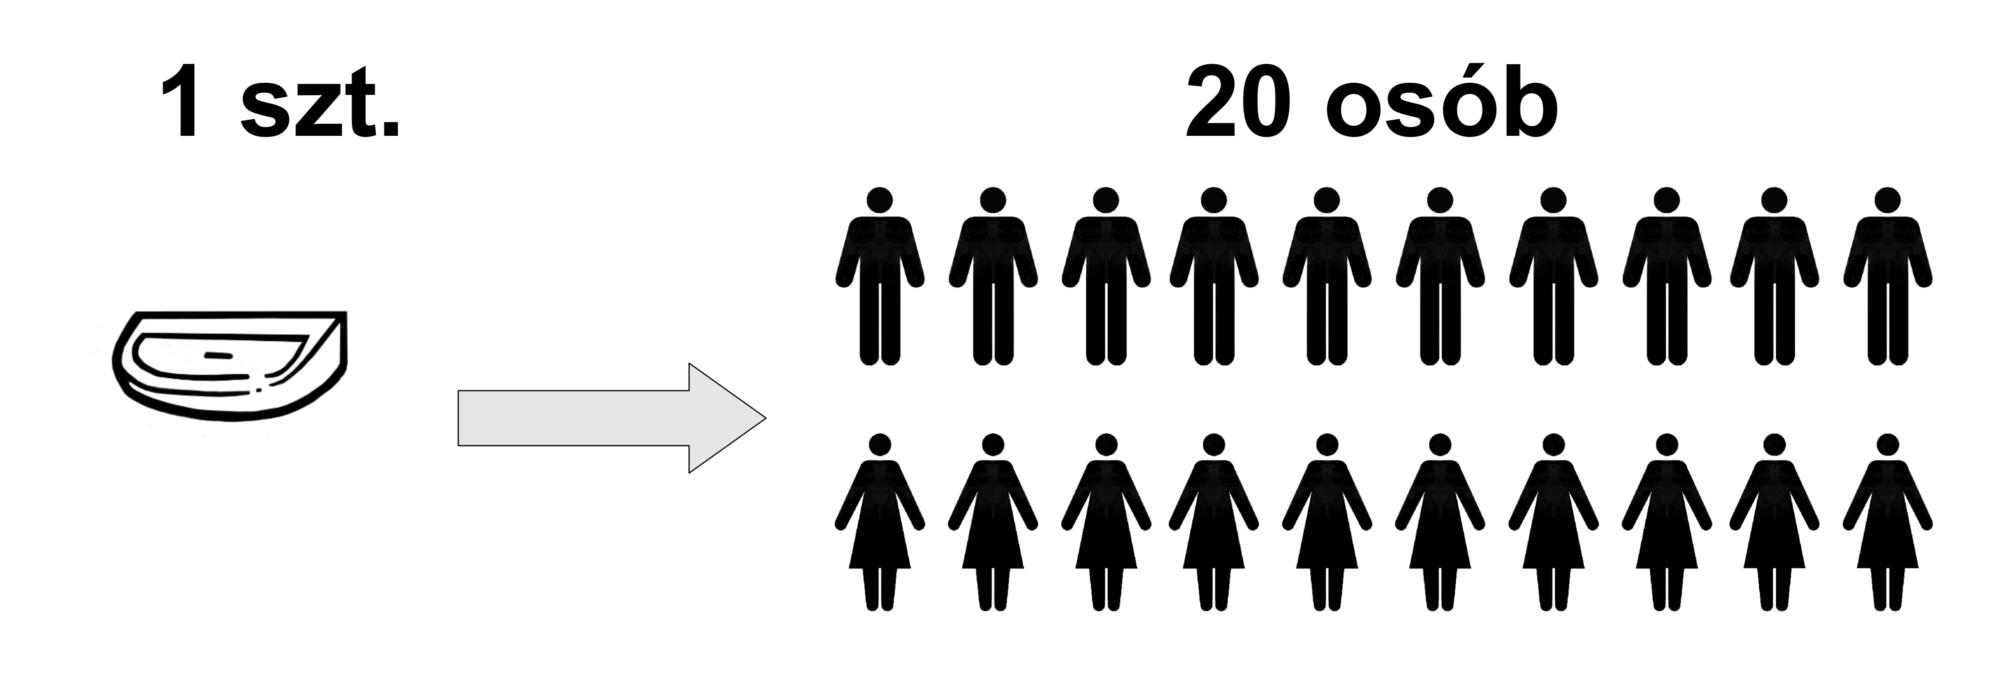 Projektowanie toalety publicznej ile umywalek na ilość osób